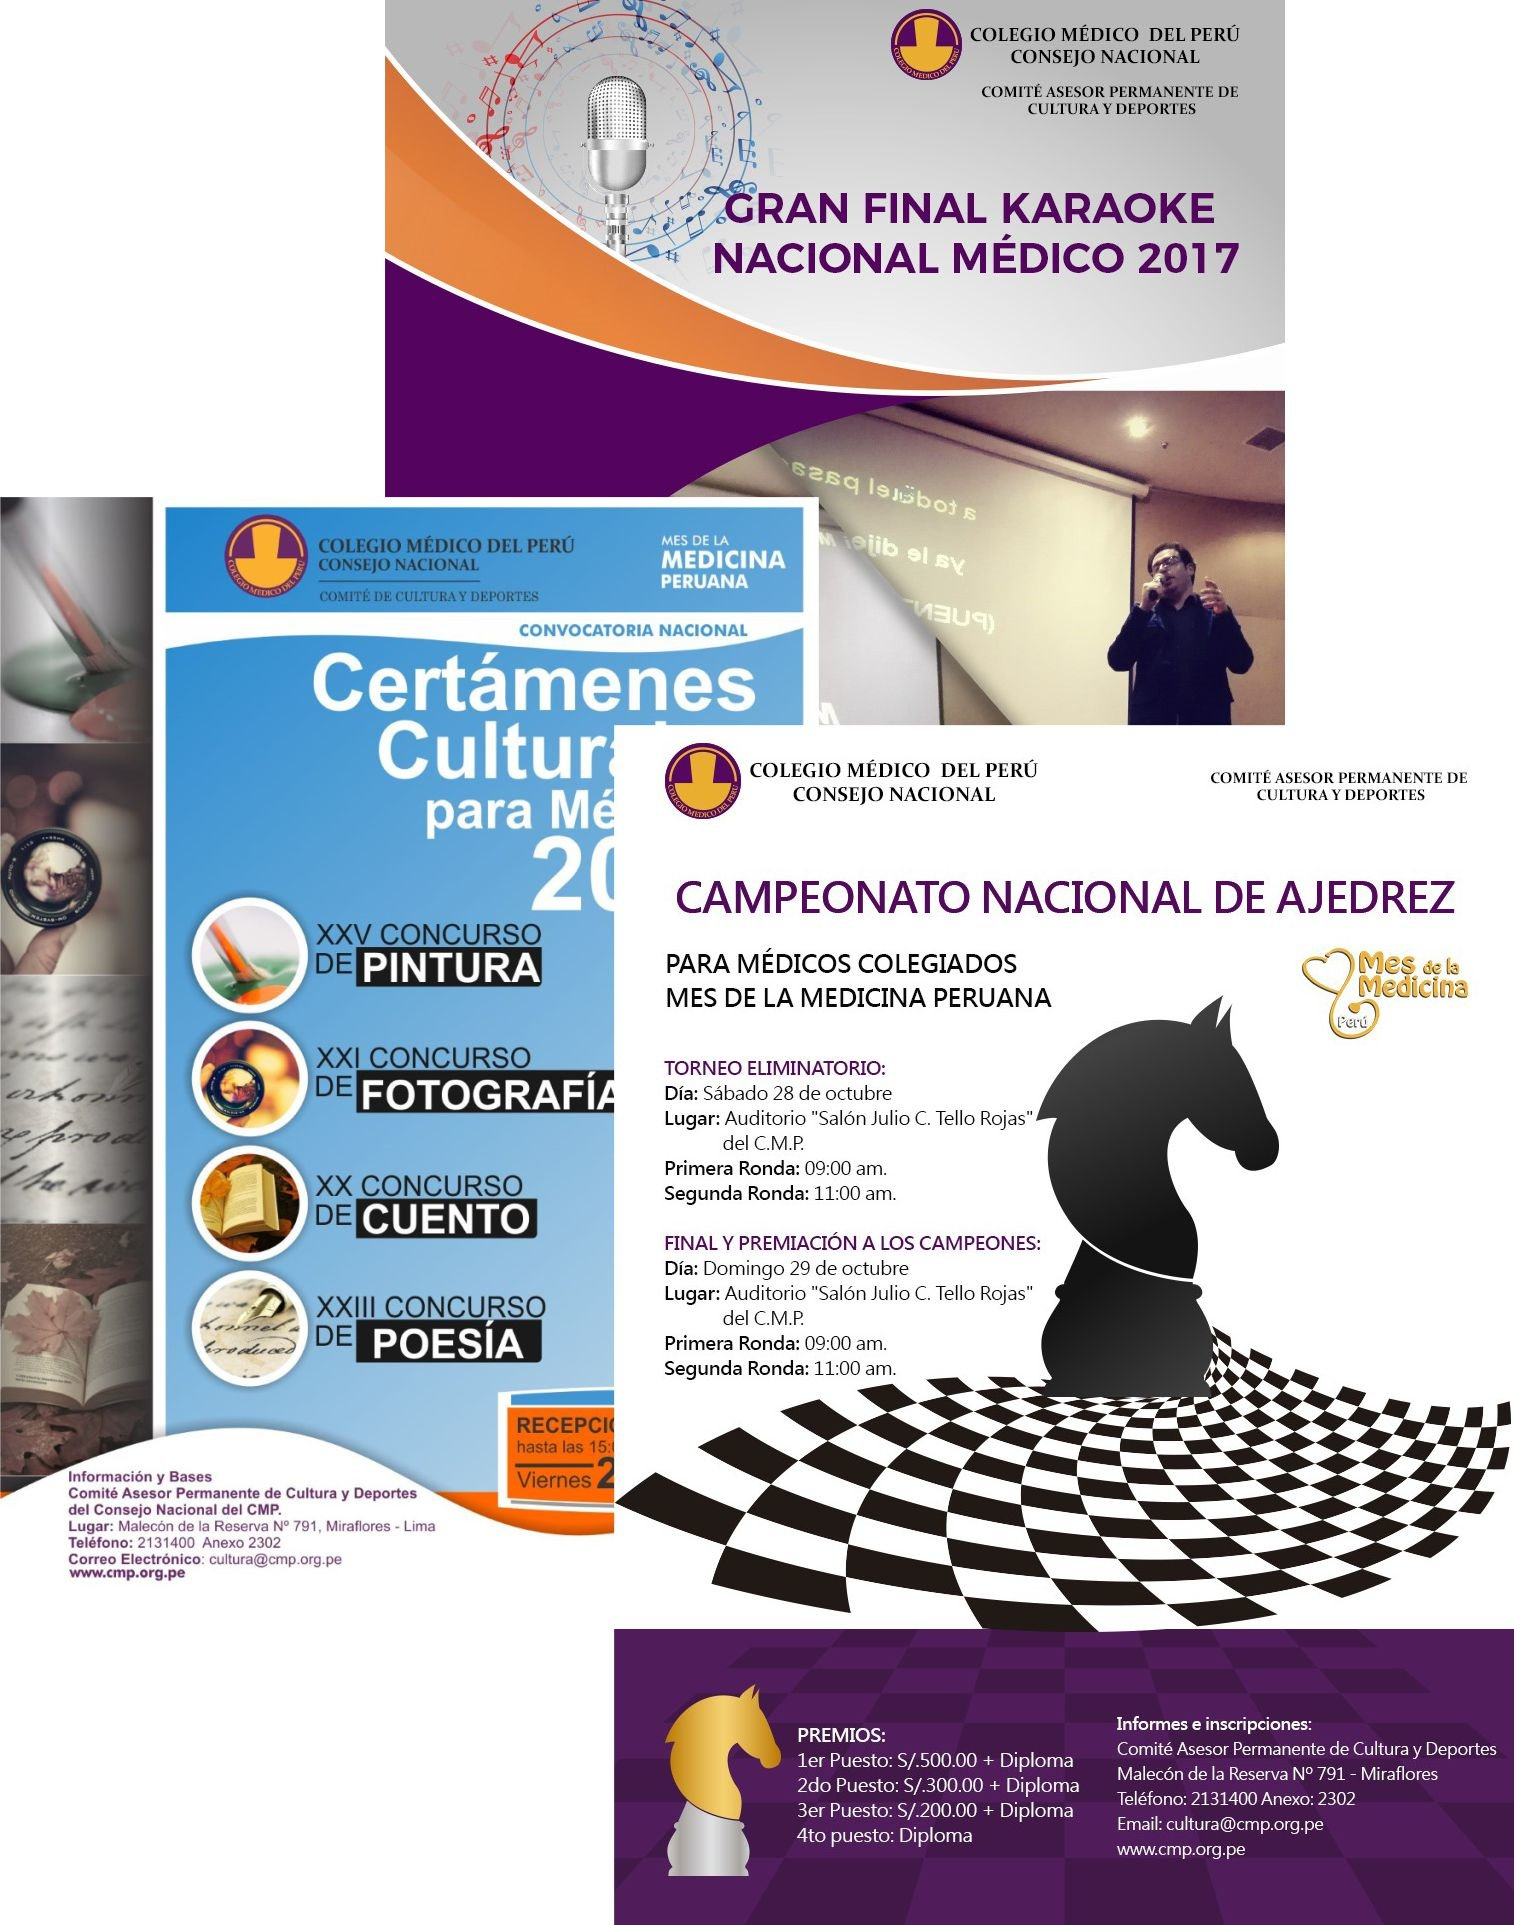 GRAN FINAL KARAOKE NACIONAL / CERTAMENES CULTURALES / CAMPEONATO NACIONAL DE AJEDREZ